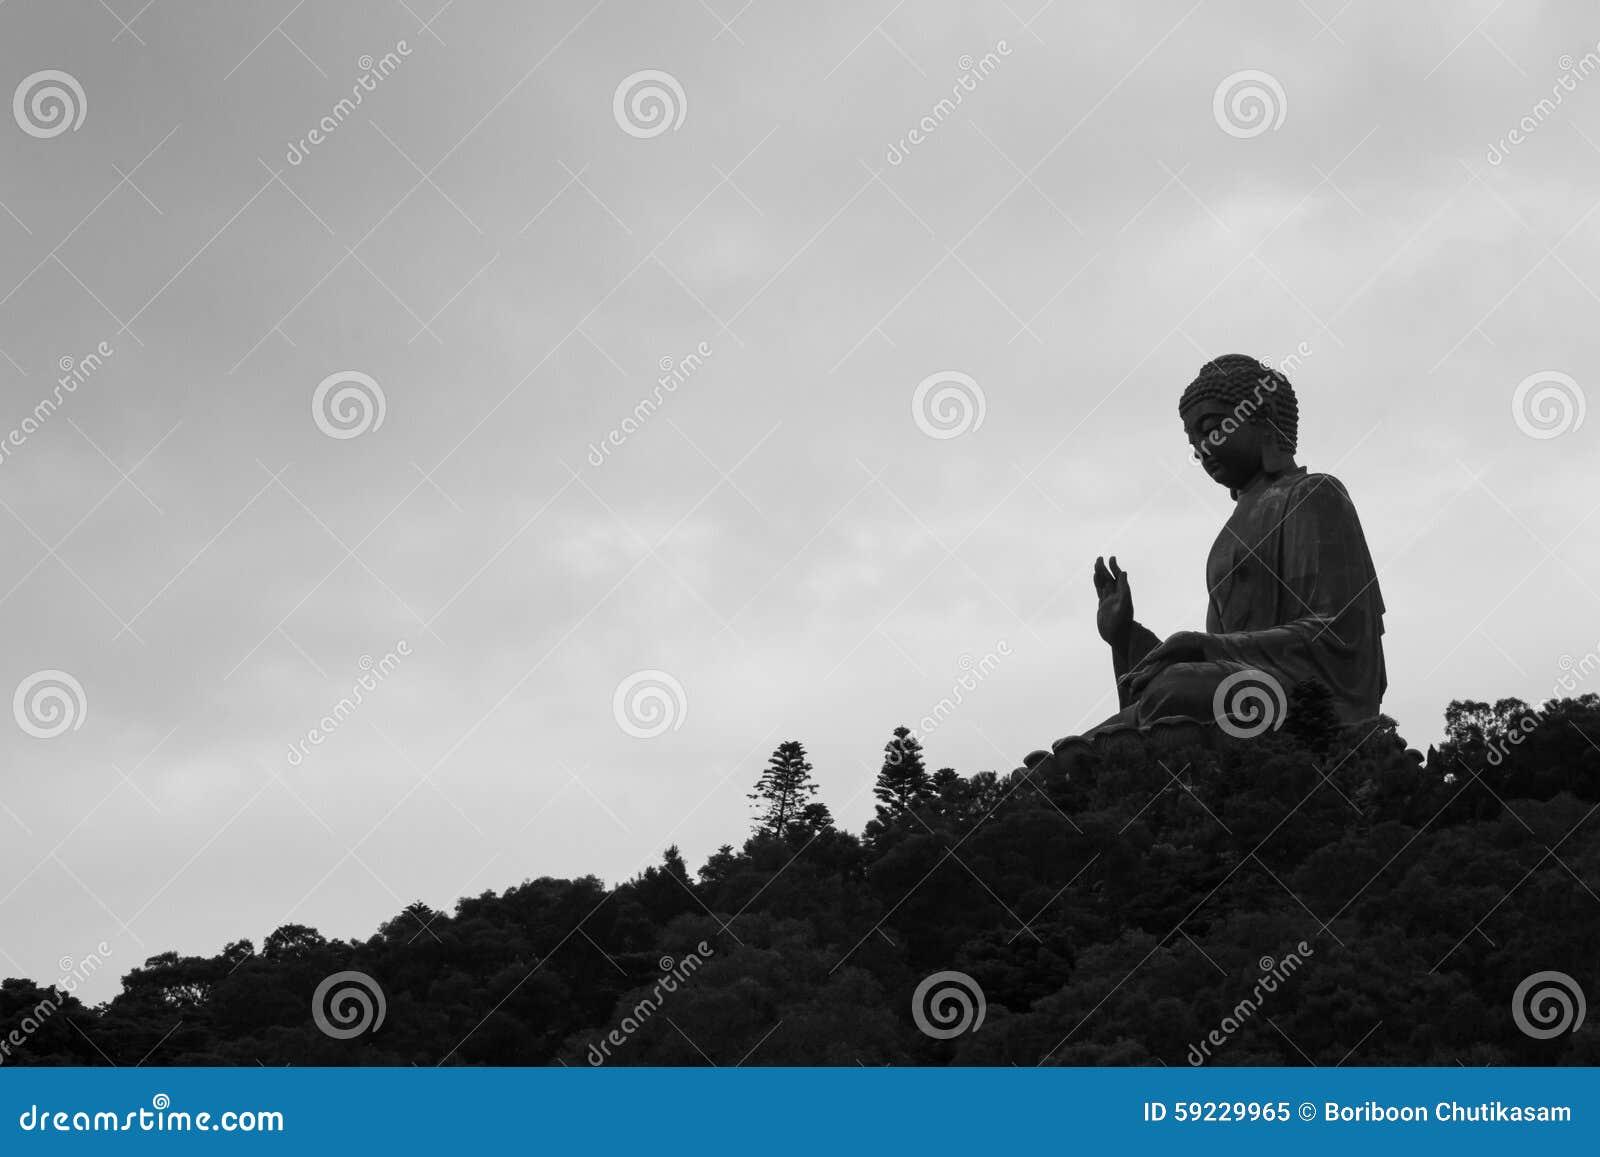 Download Buda grande imagen de archivo. Imagen de ping, recorrido - 59229965